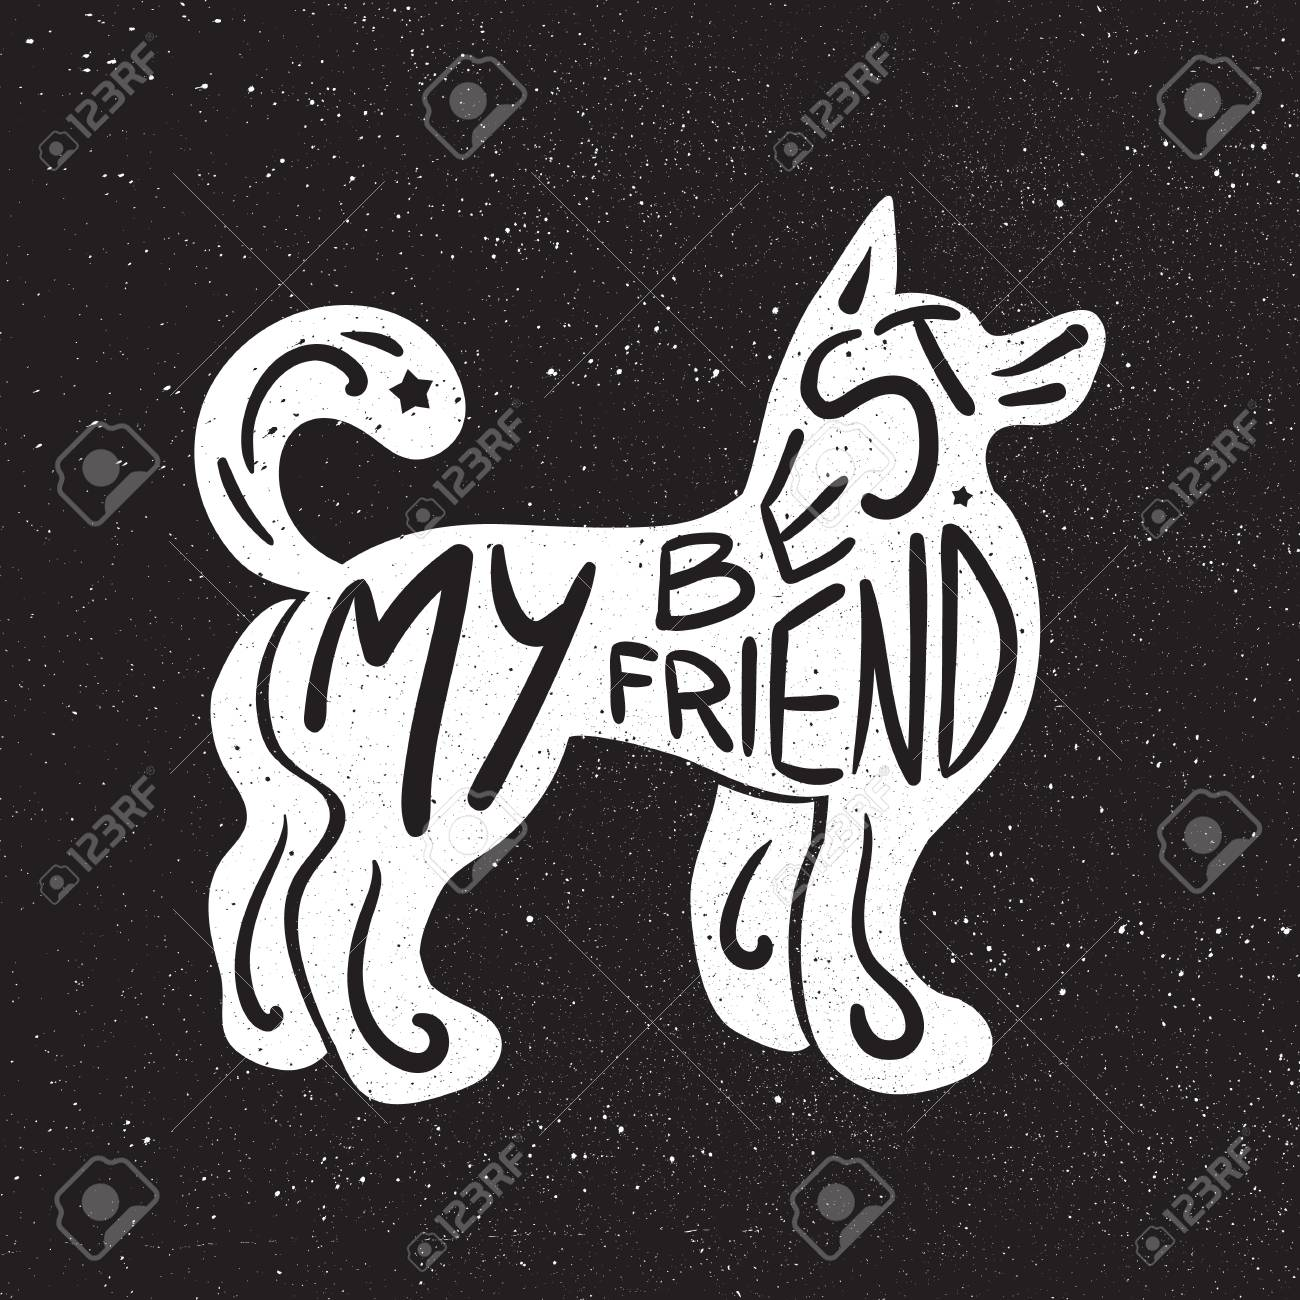 Composición Inconformista Letras Dibujado A Mano De La Vendimia Con La Frase Mi Mejor Amigo Inscrita En Silueta Del Perro Imprimir De Felicitación